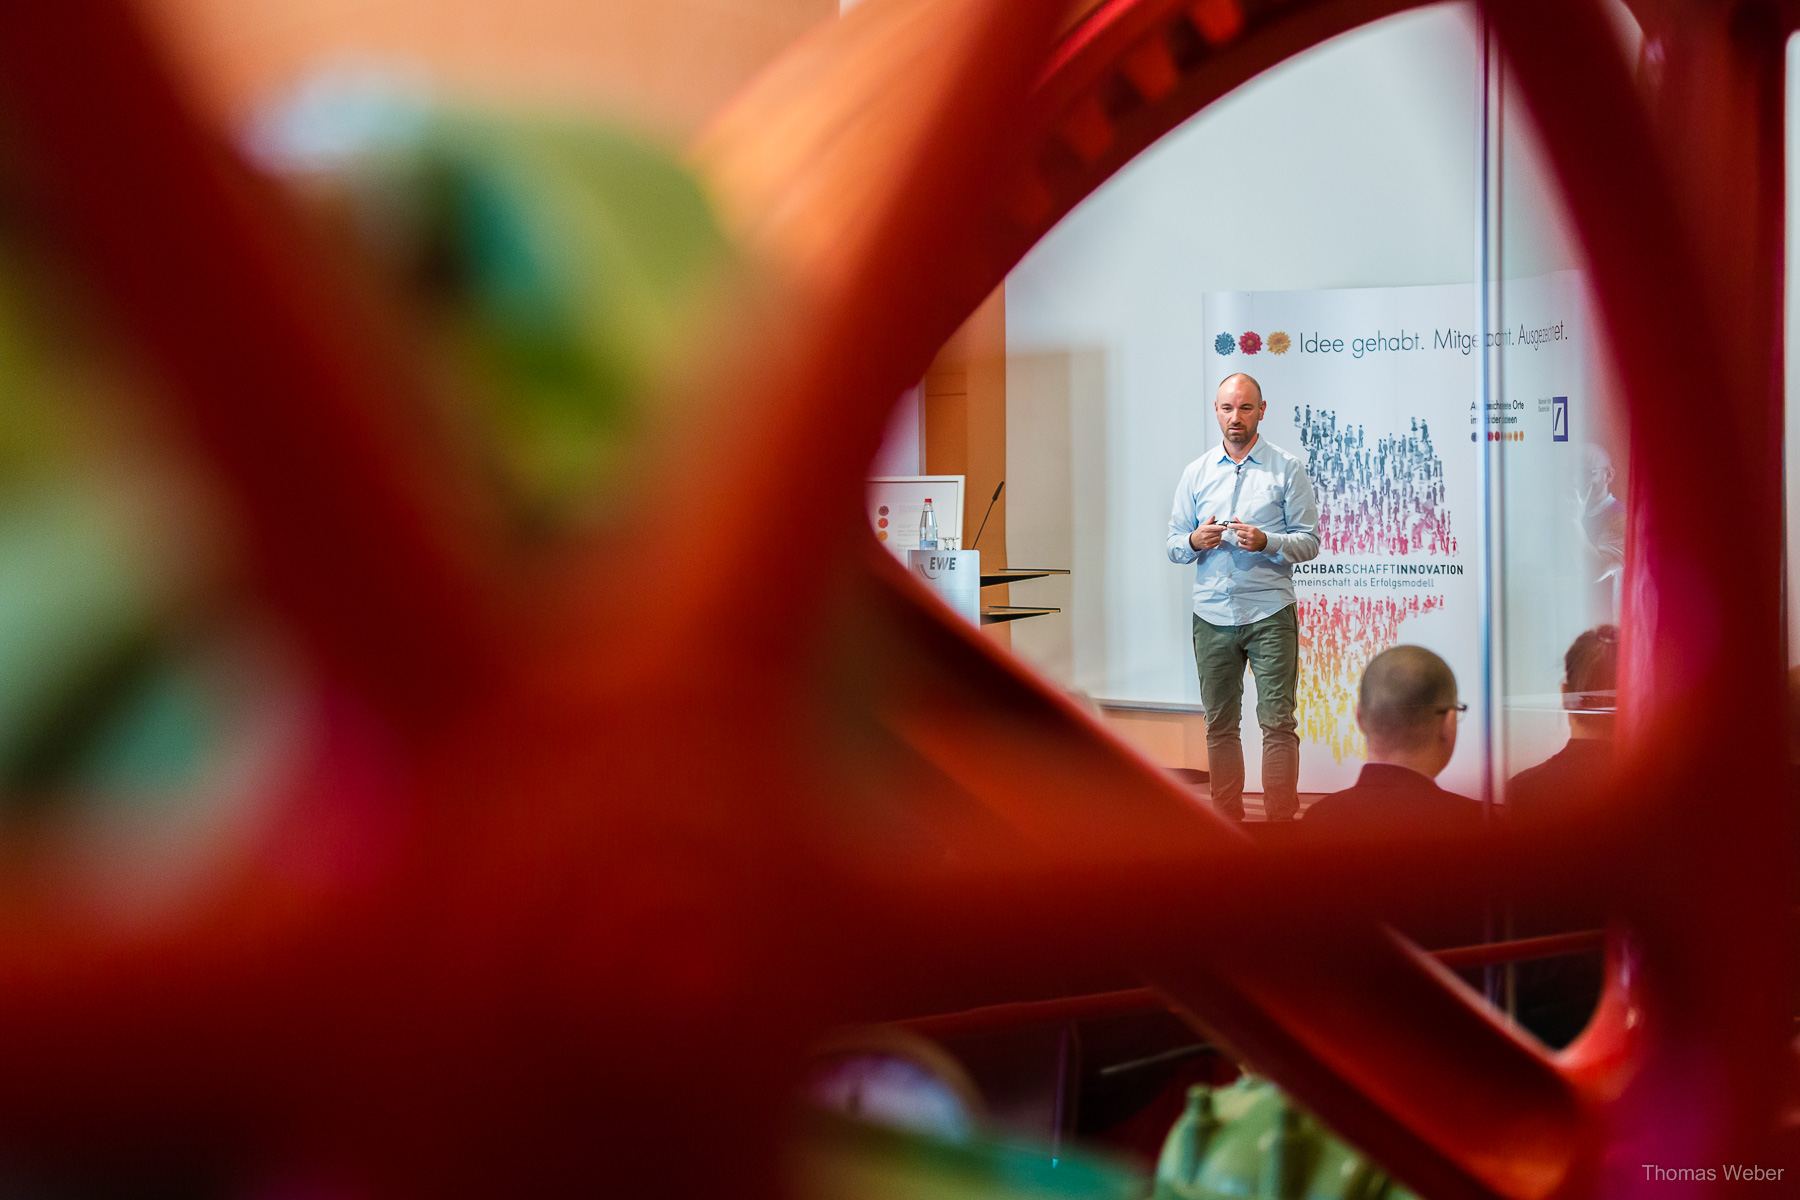 Reportagefotografie und Pressefotografie bei einer Veranstaltung der EWE, Fotograf Thomas Weber aus Oldenburg